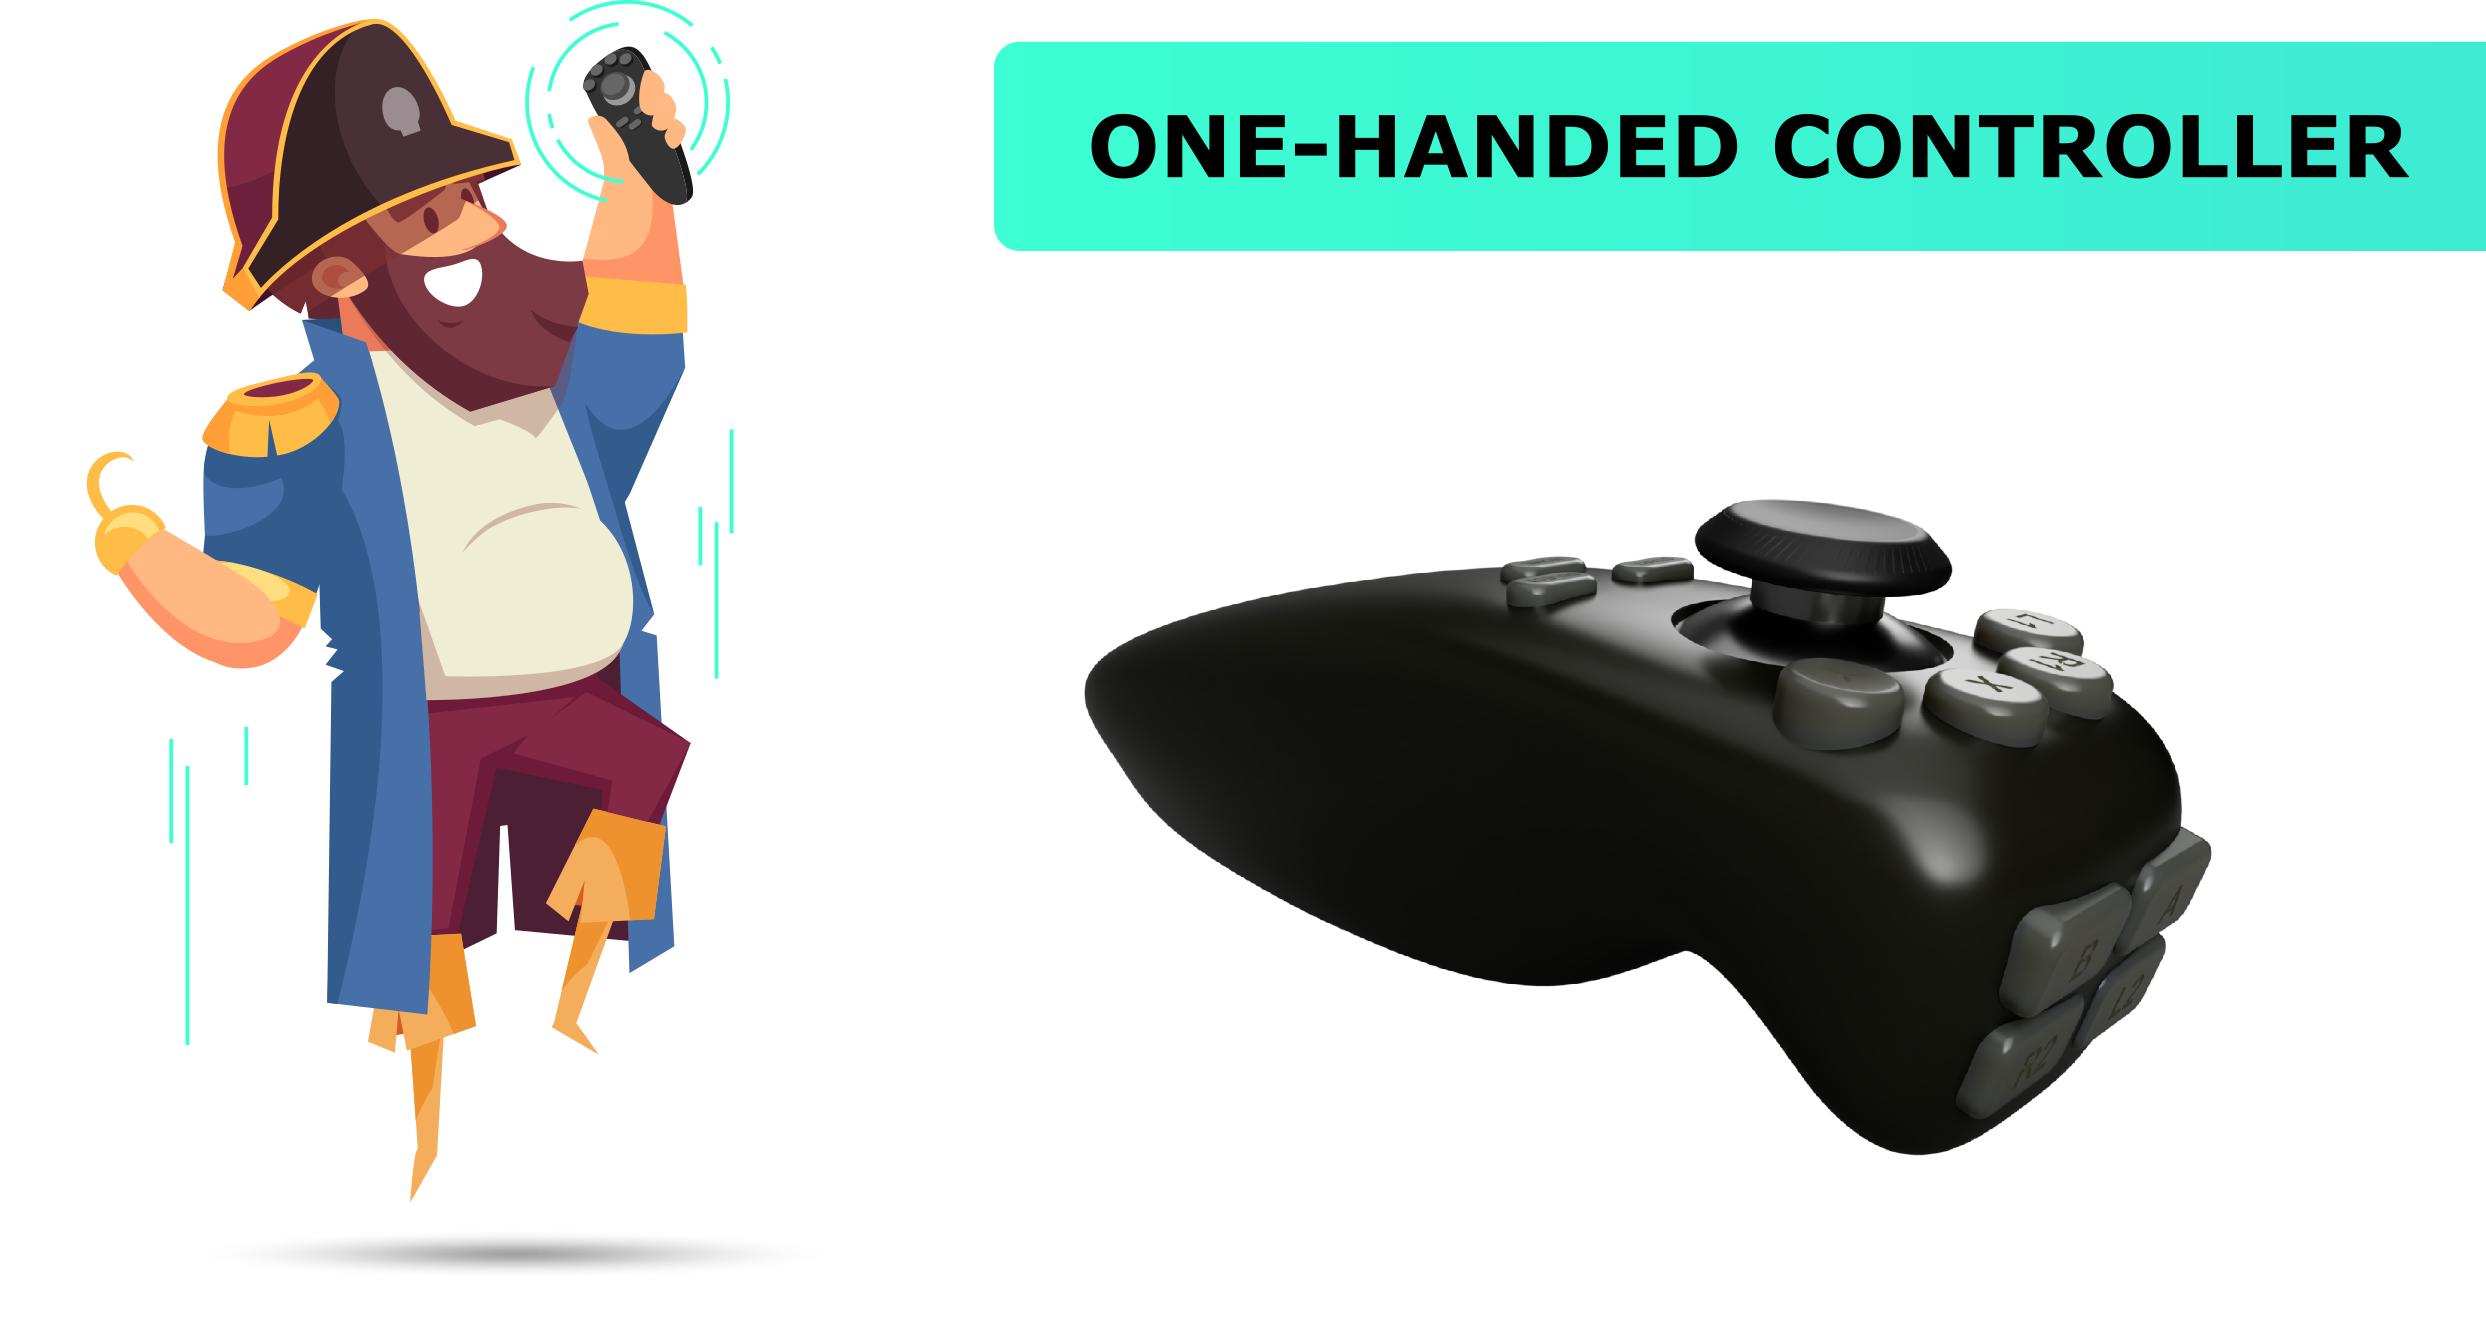 Игровой контроллер для одной руки, что так, а что не так